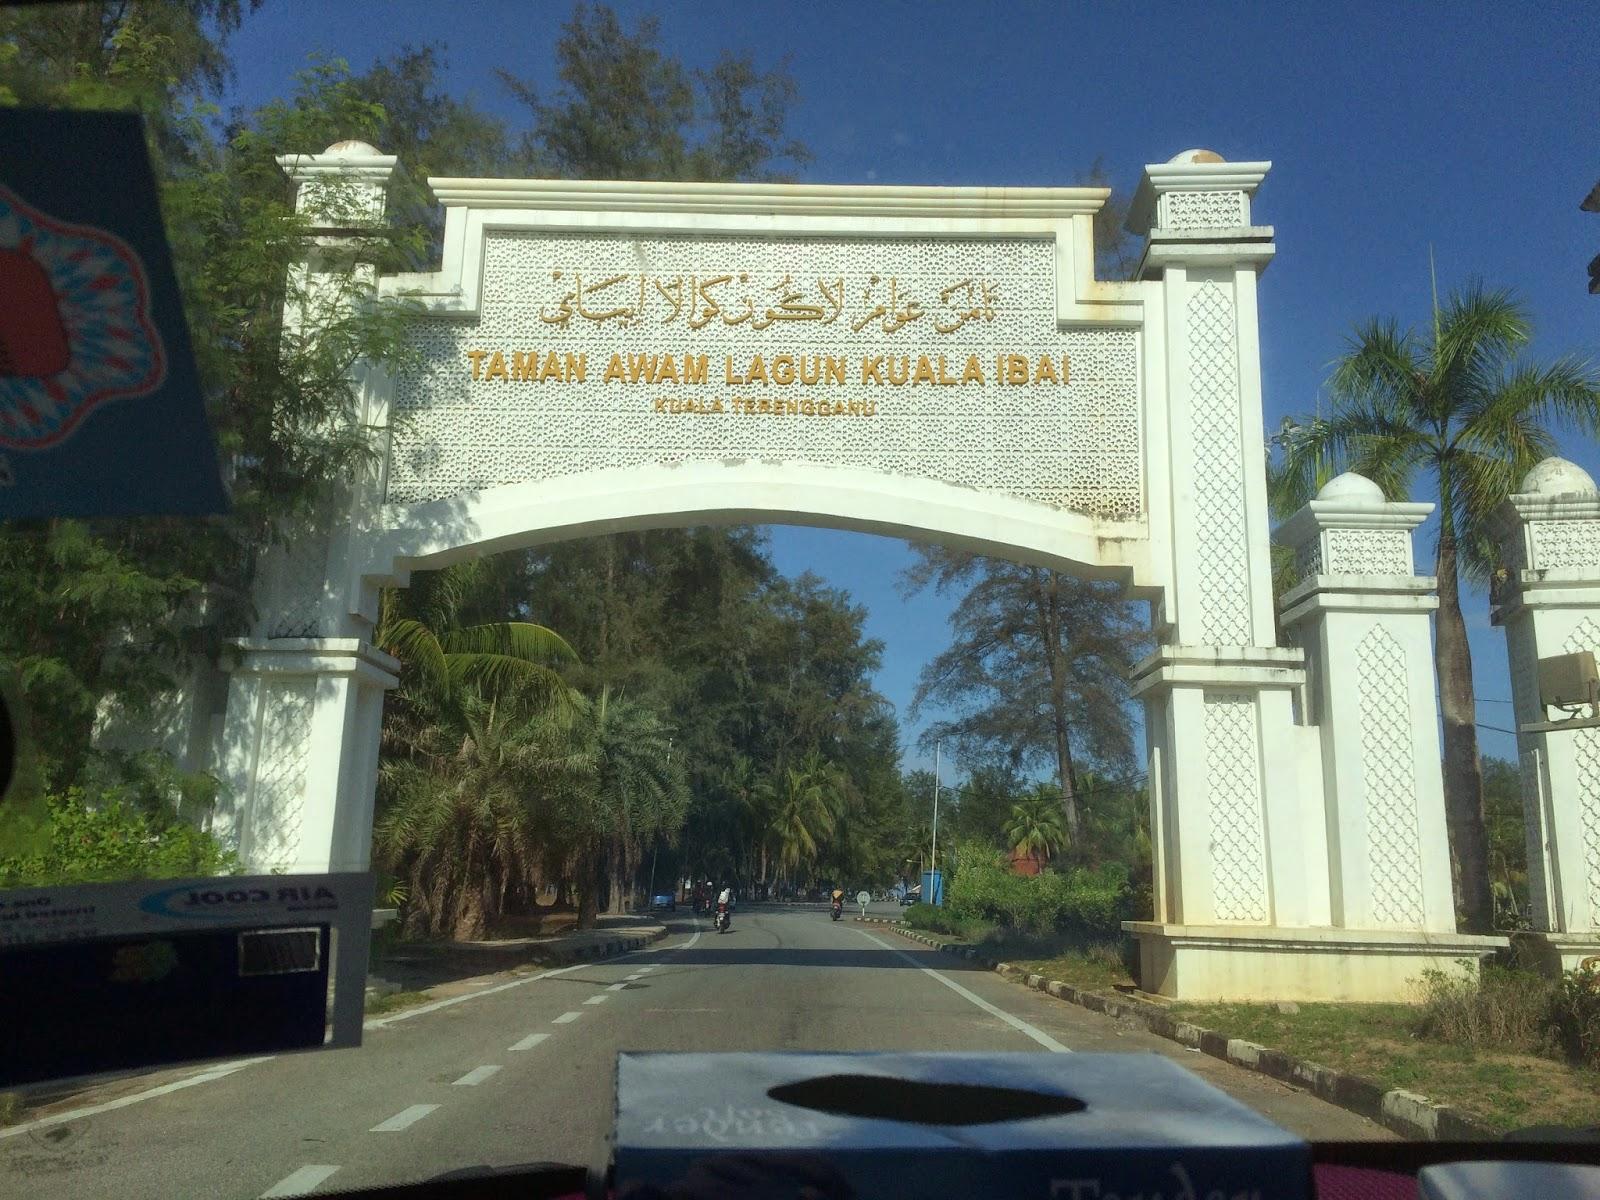 Jelajah Taman Awam Lagun Kuala Ibai Kuala Terengganu